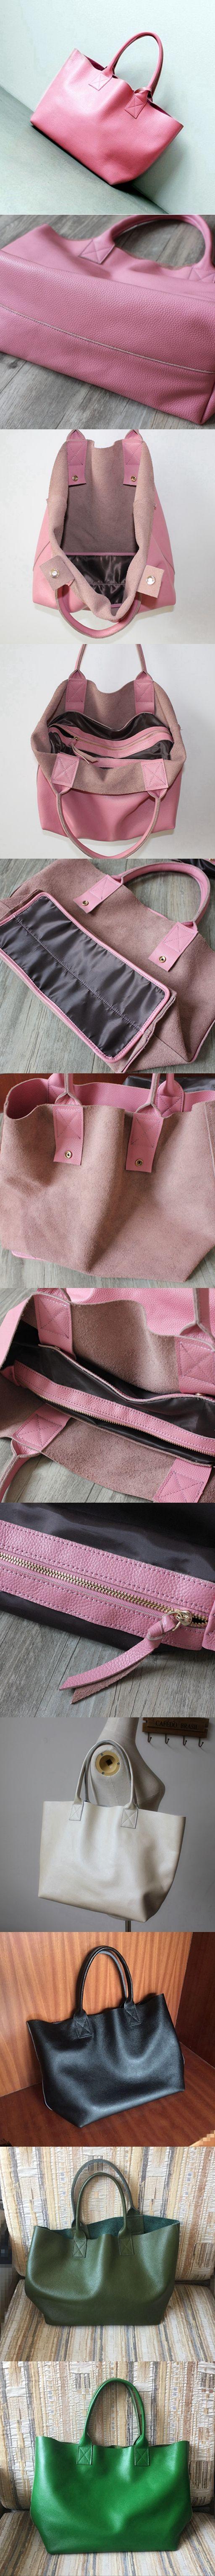 Handmade Full Grain Leather Bag Vintage Leather Tote Bag Shoulder Bag Handbag For Women 7152